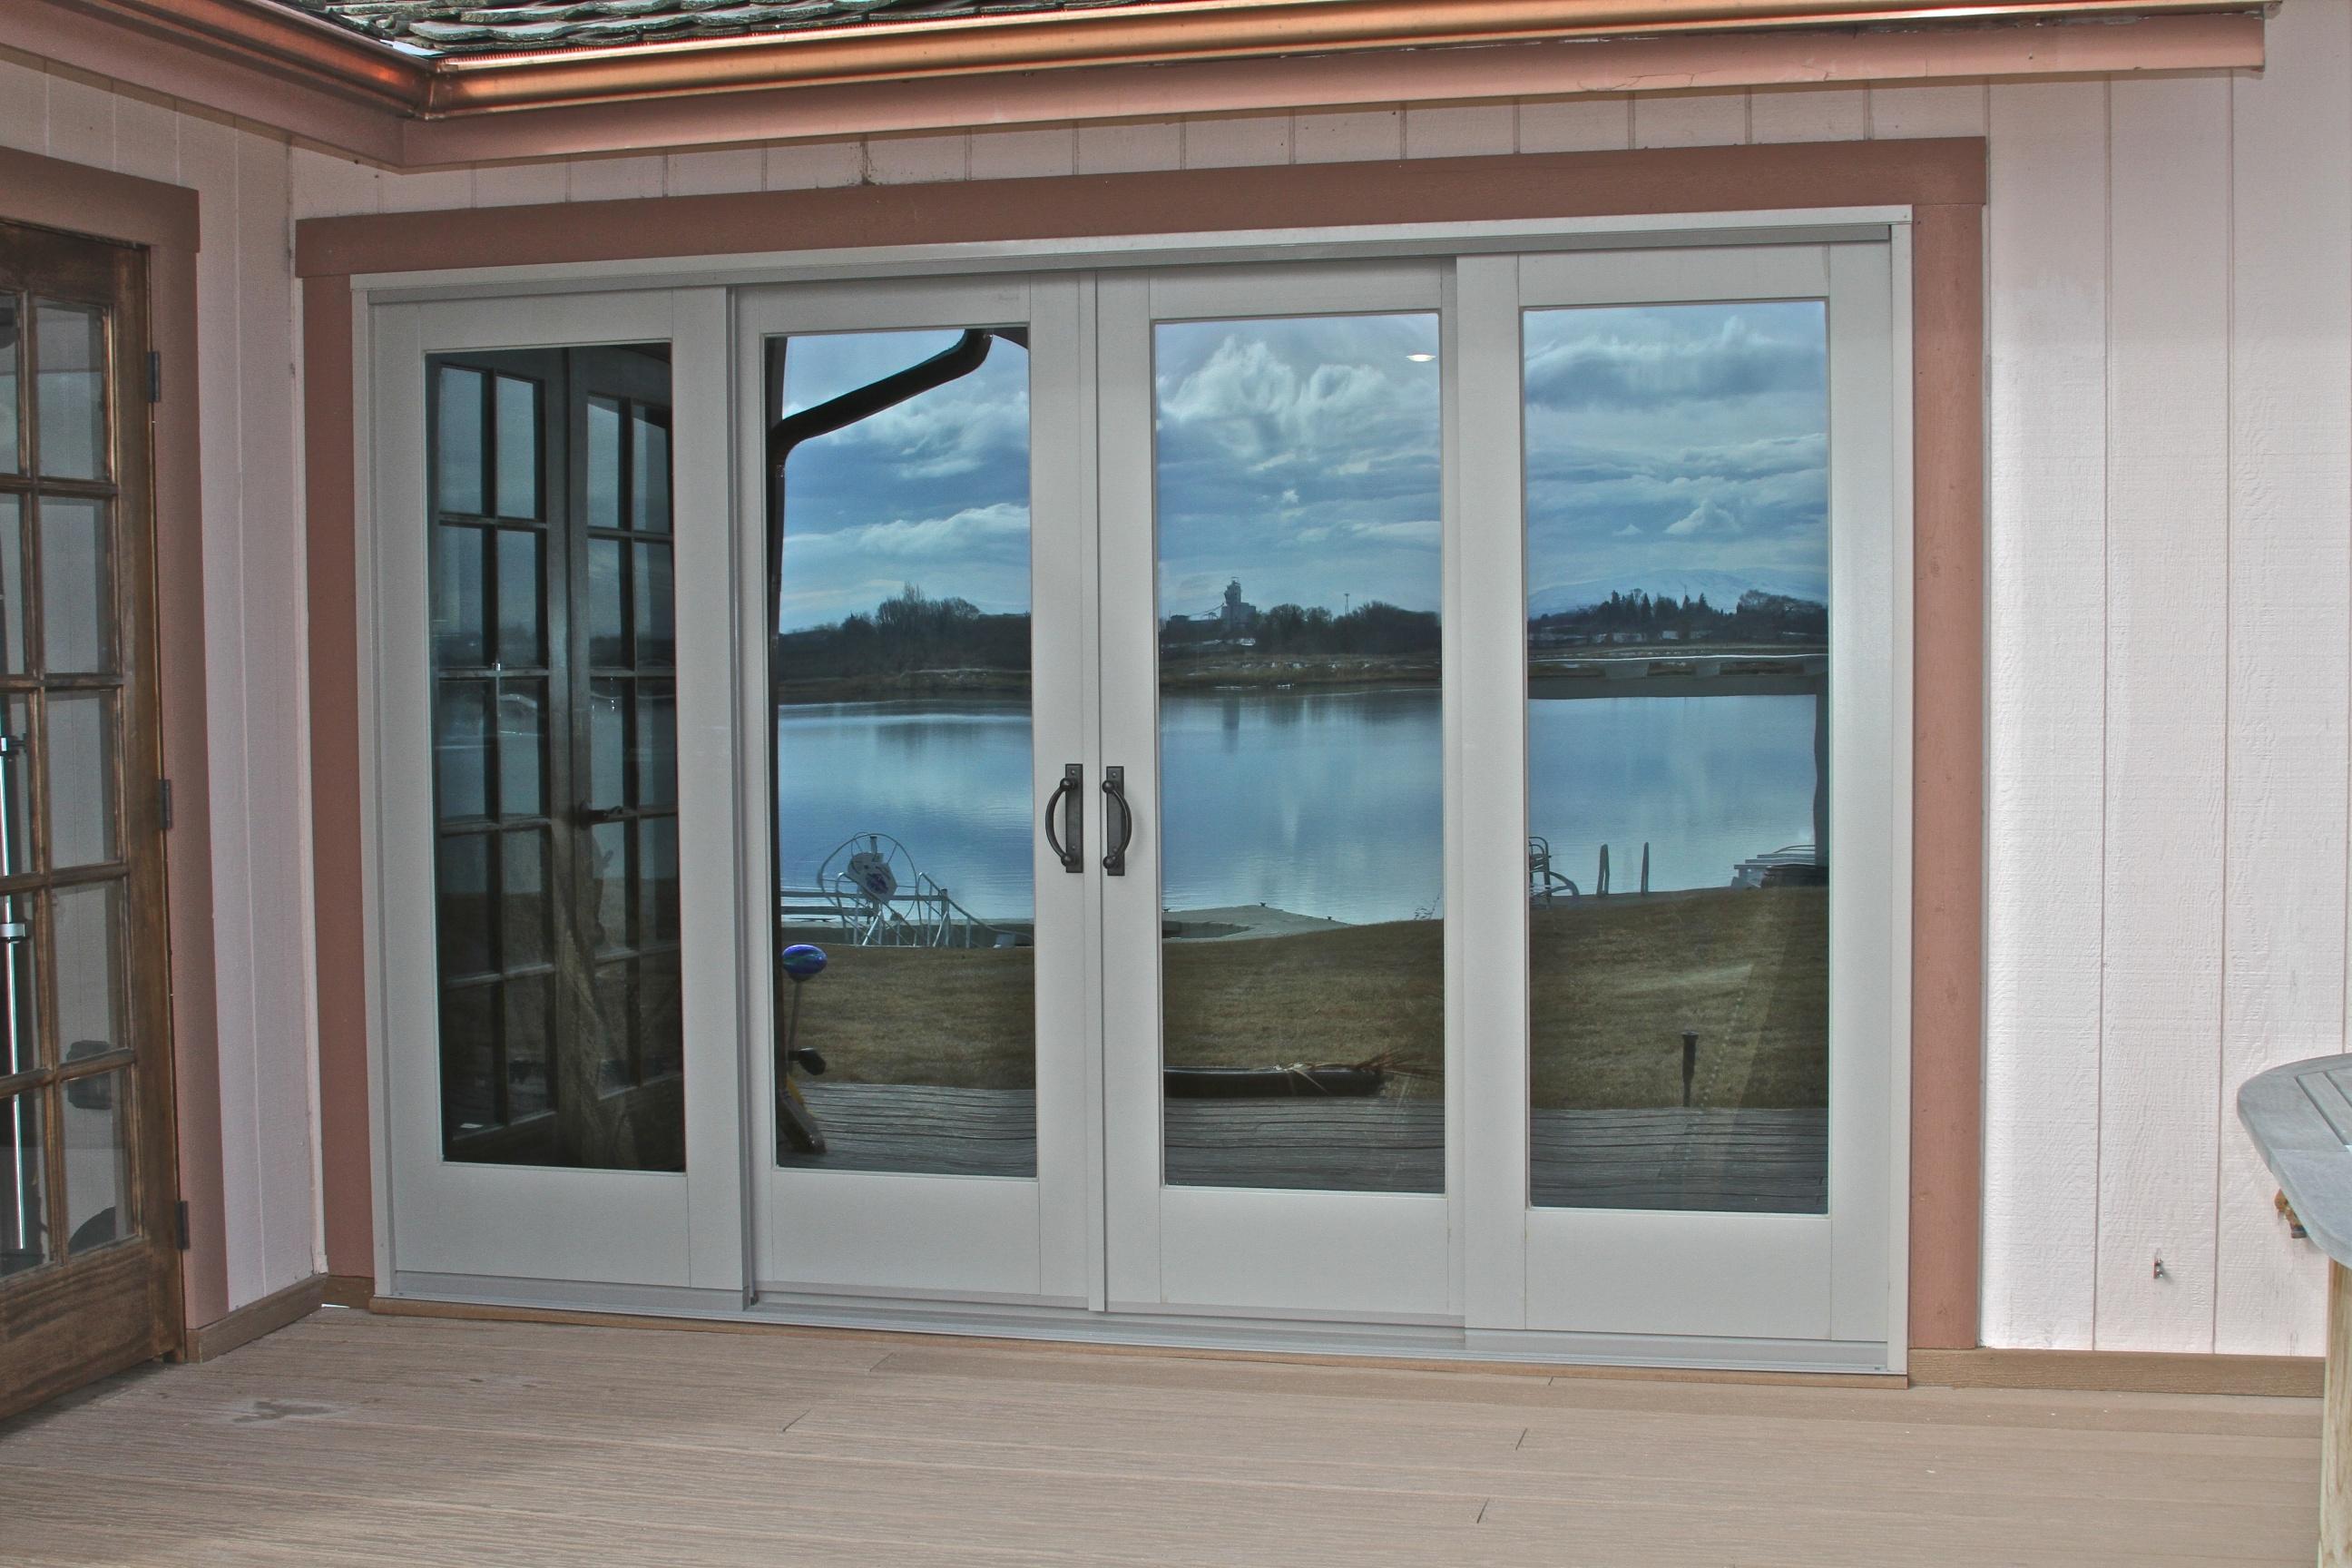 Andersen Windows Sliding Patio DoorsAndersen Windows Sliding Patio Doors